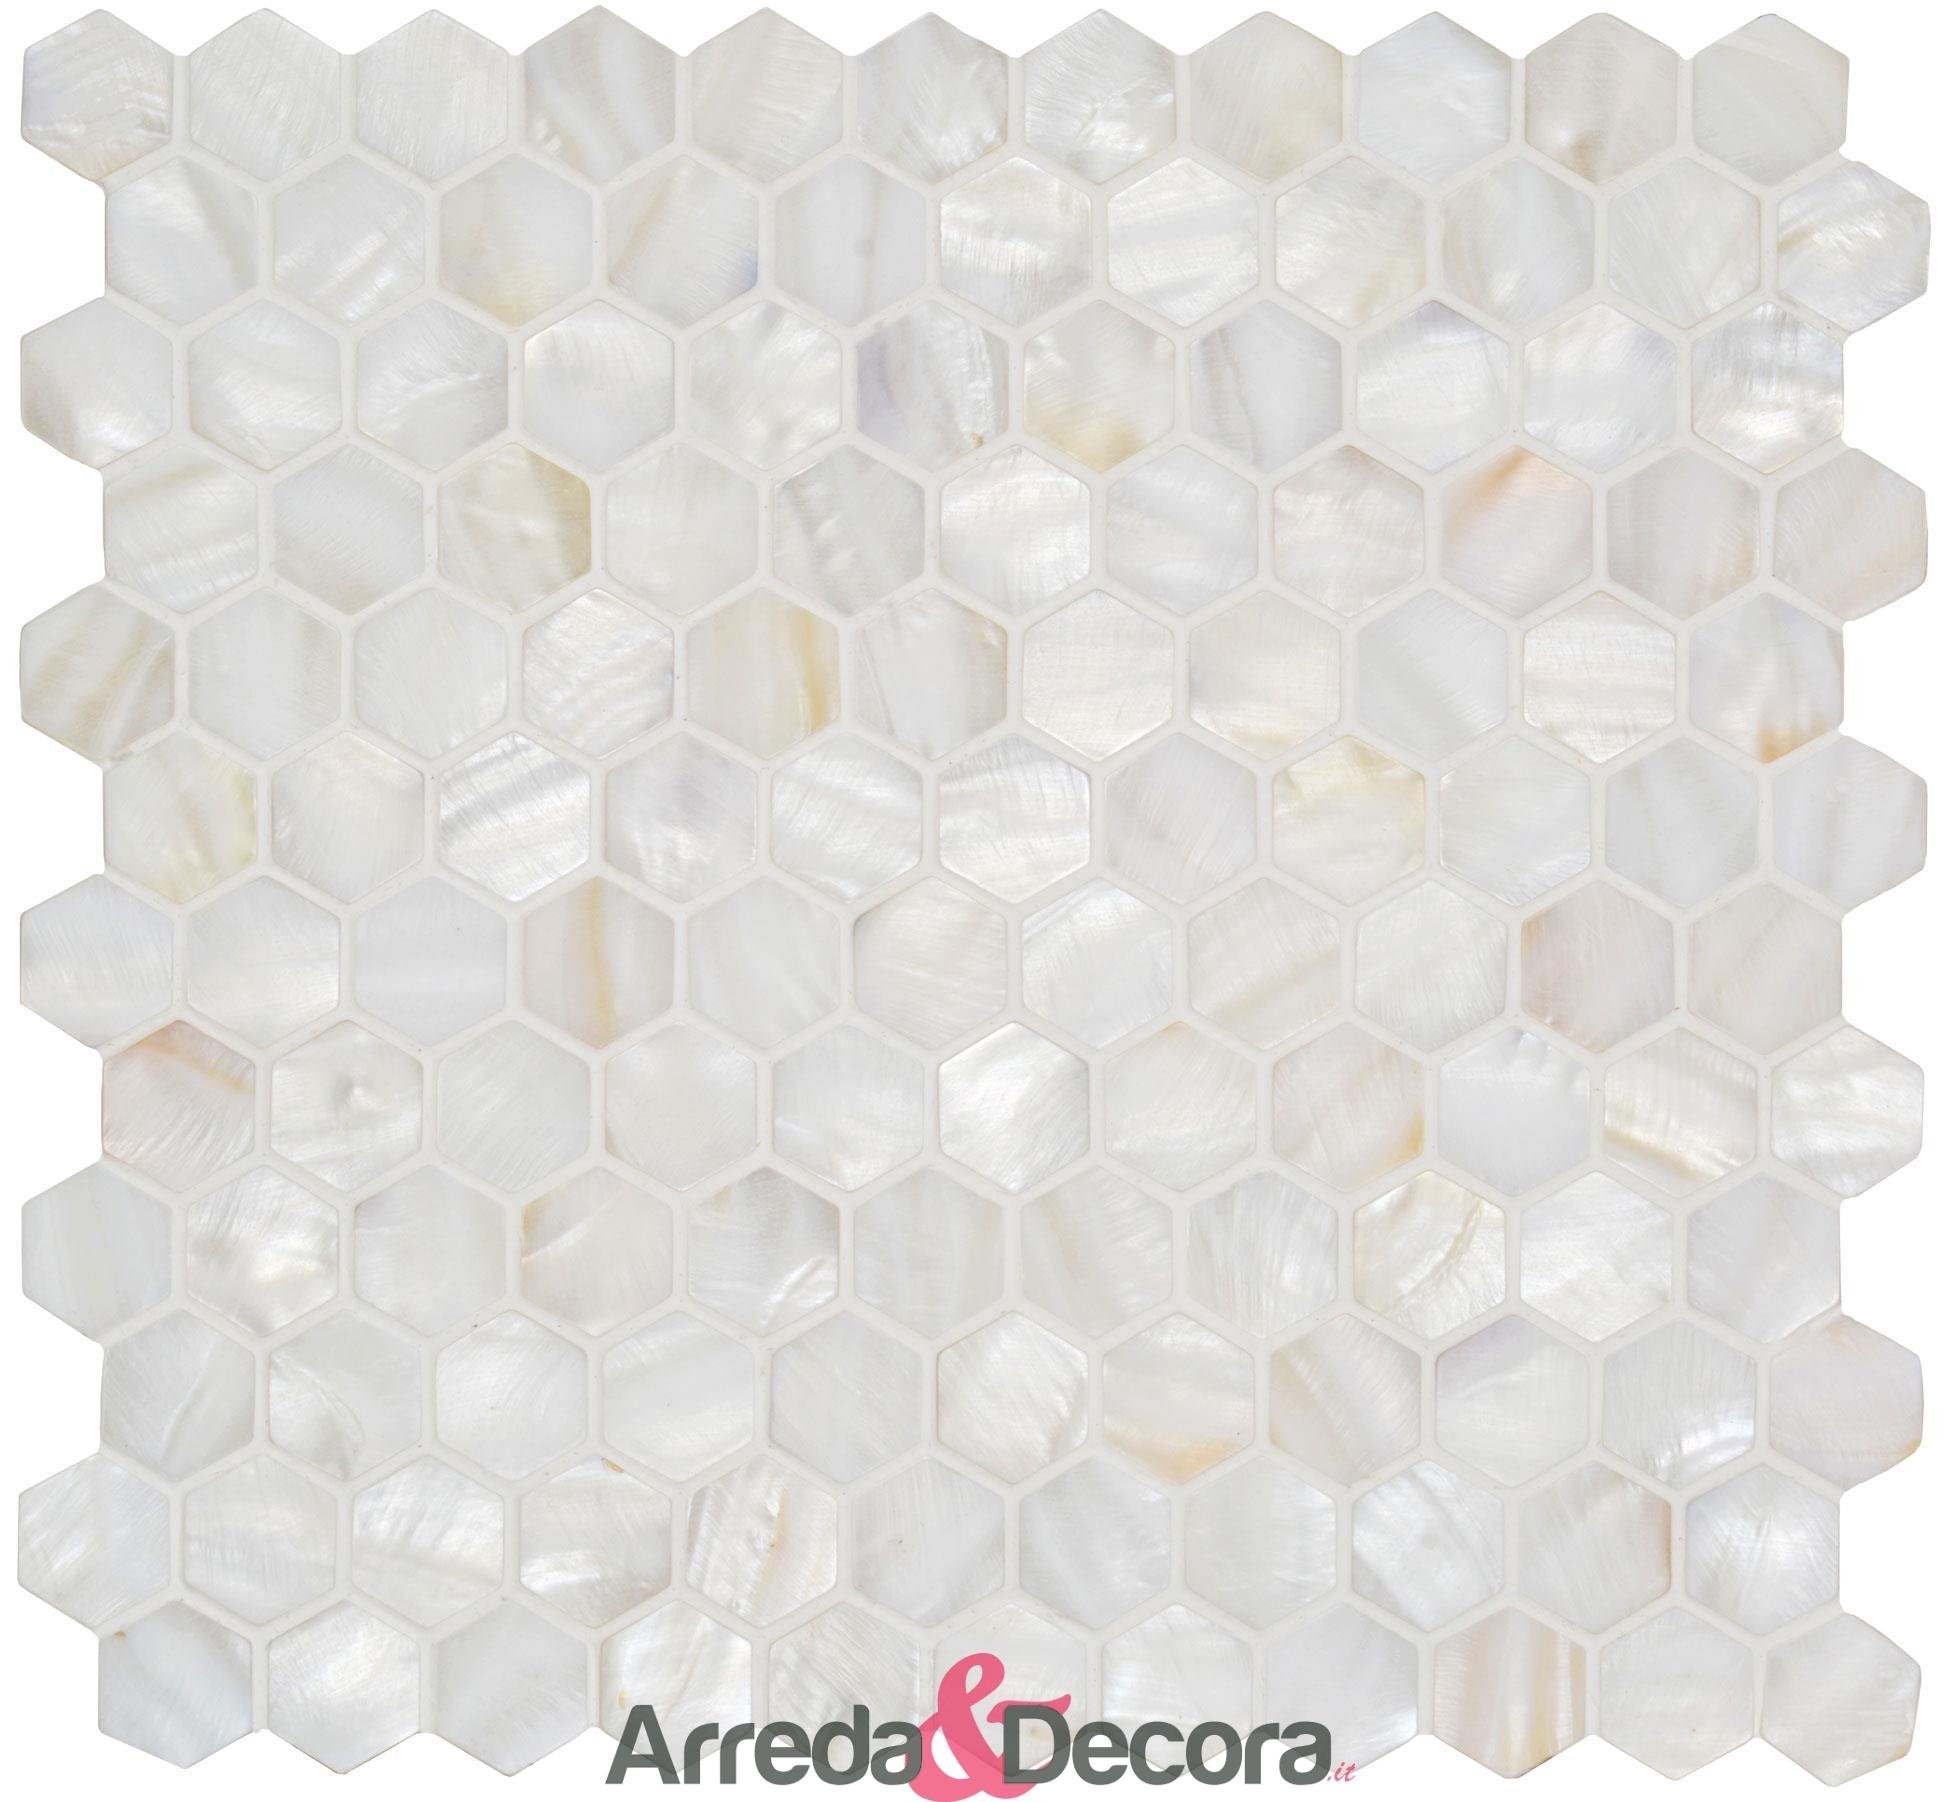 mosaico-esagonale-in-madreperla